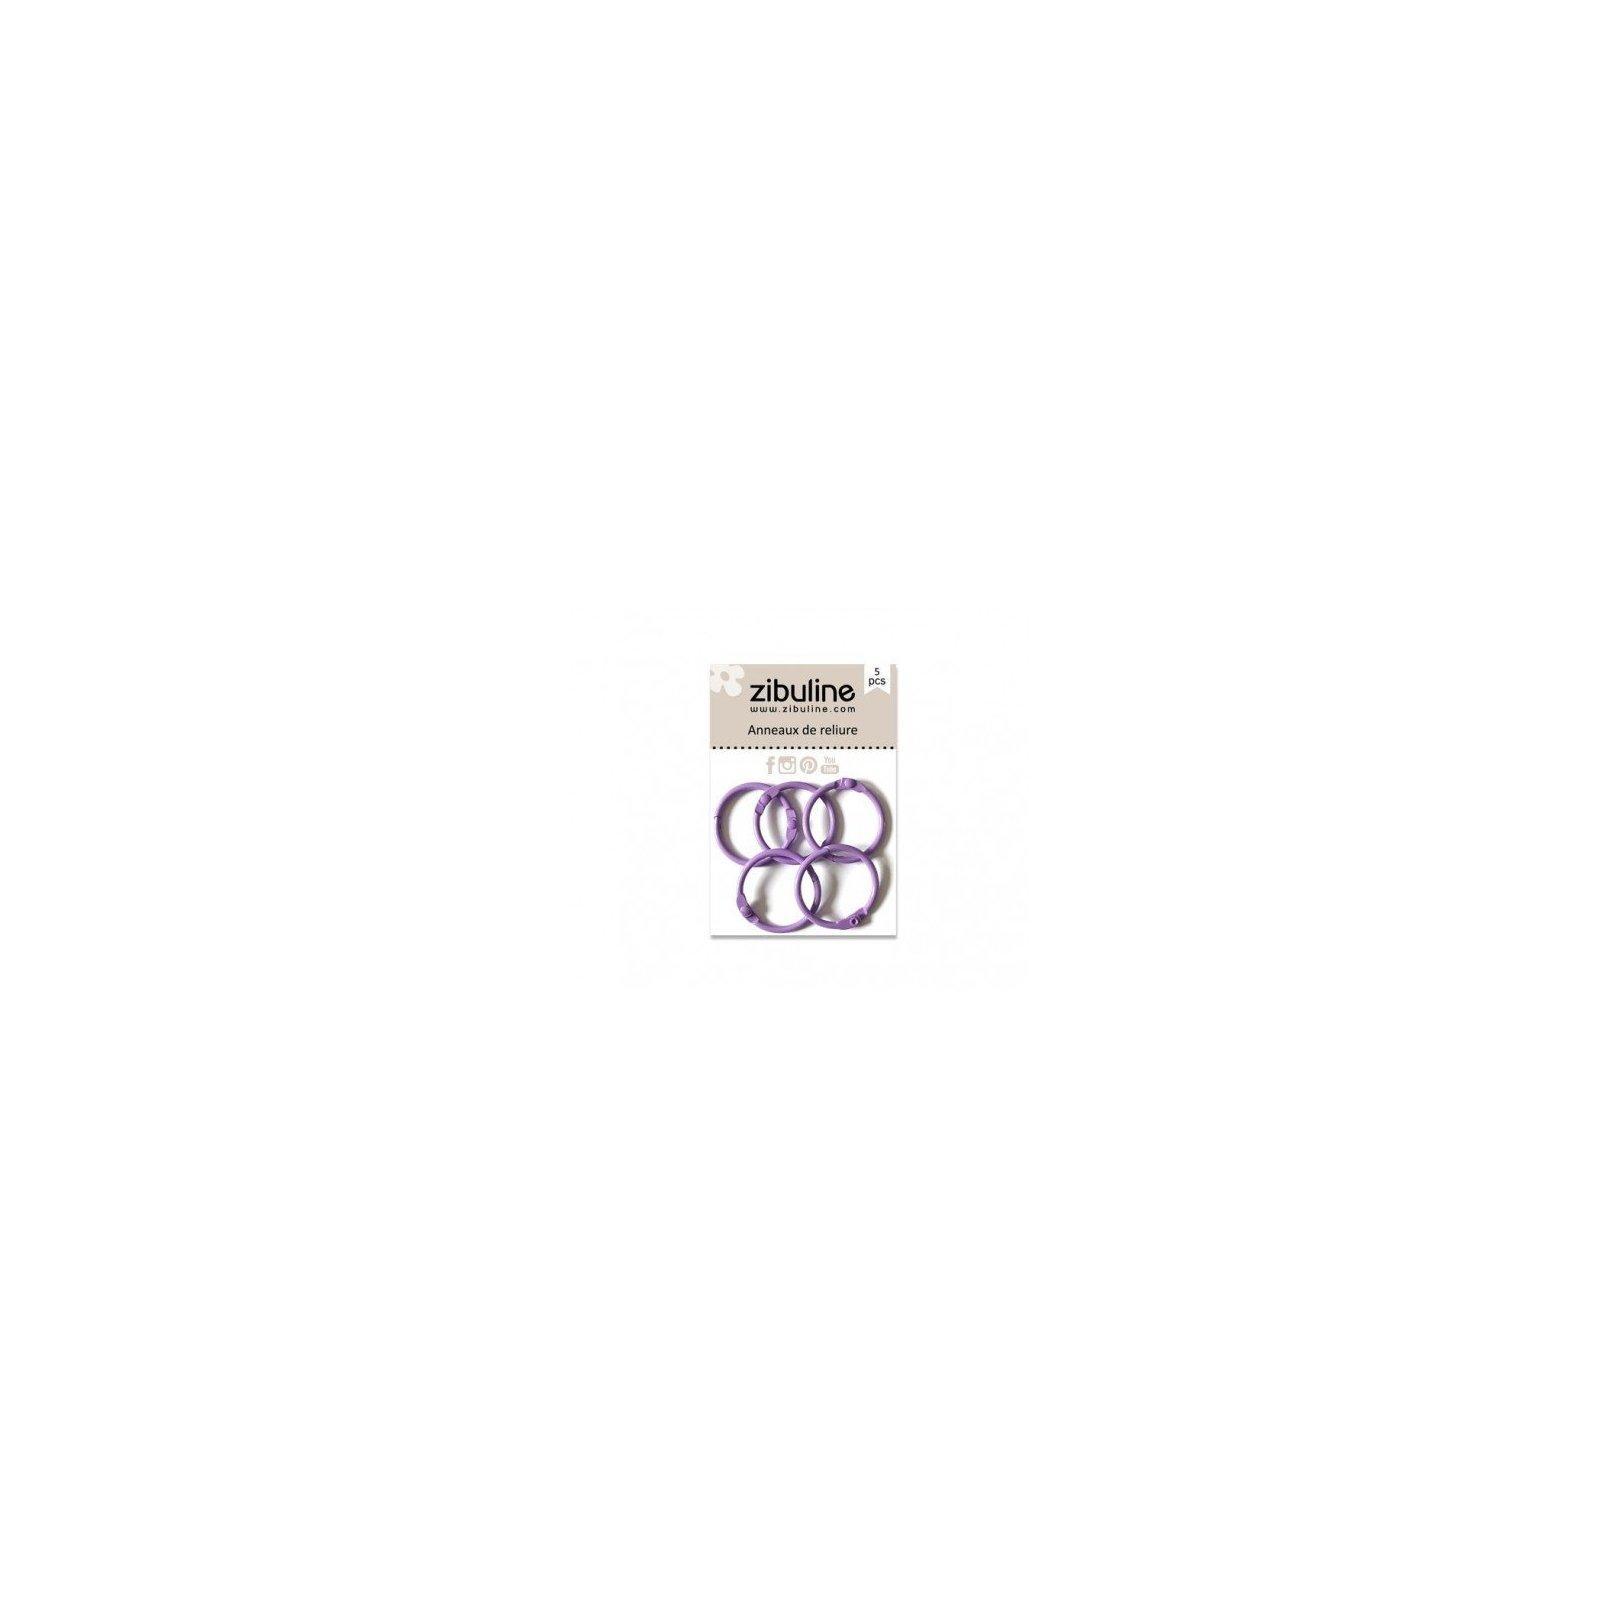 Anneaux de reliure 25 mm - Parme - Zibuline